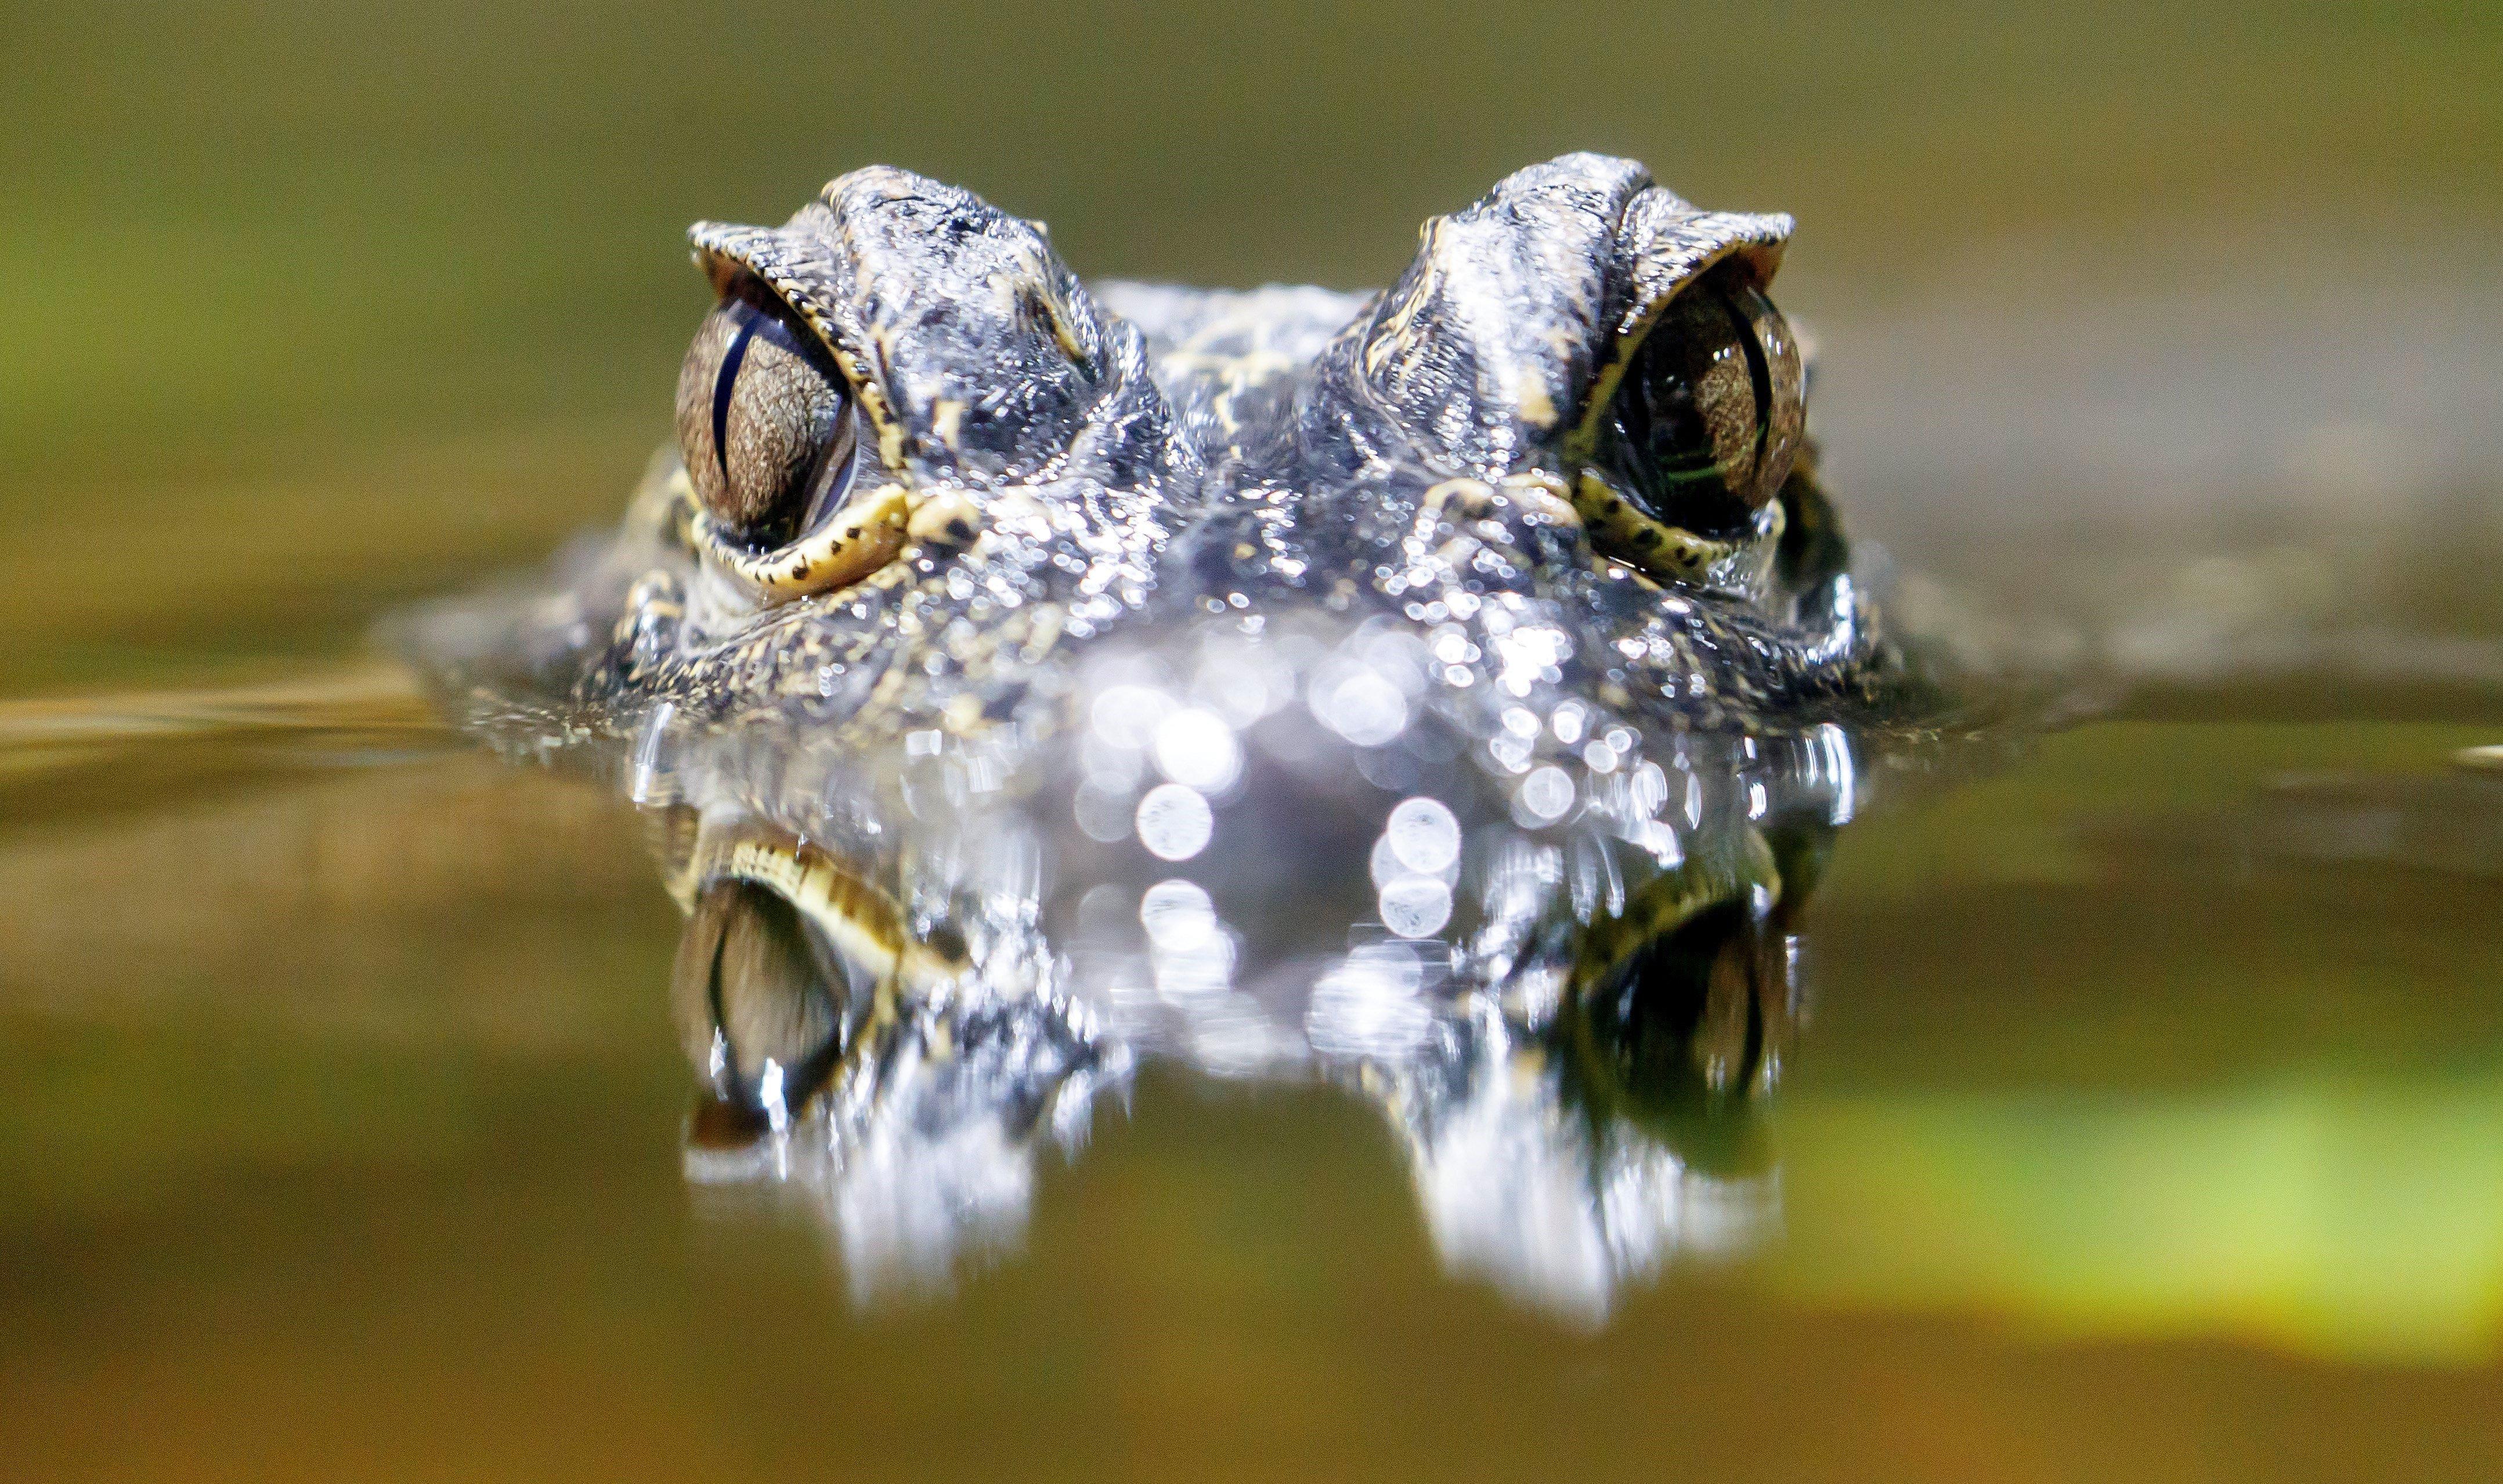 Un cocodril 'Osteolaemus tetraspis' surt de l'aigua en el zoo de Karlsruhe (Alemanya). /RONALD WITTEK